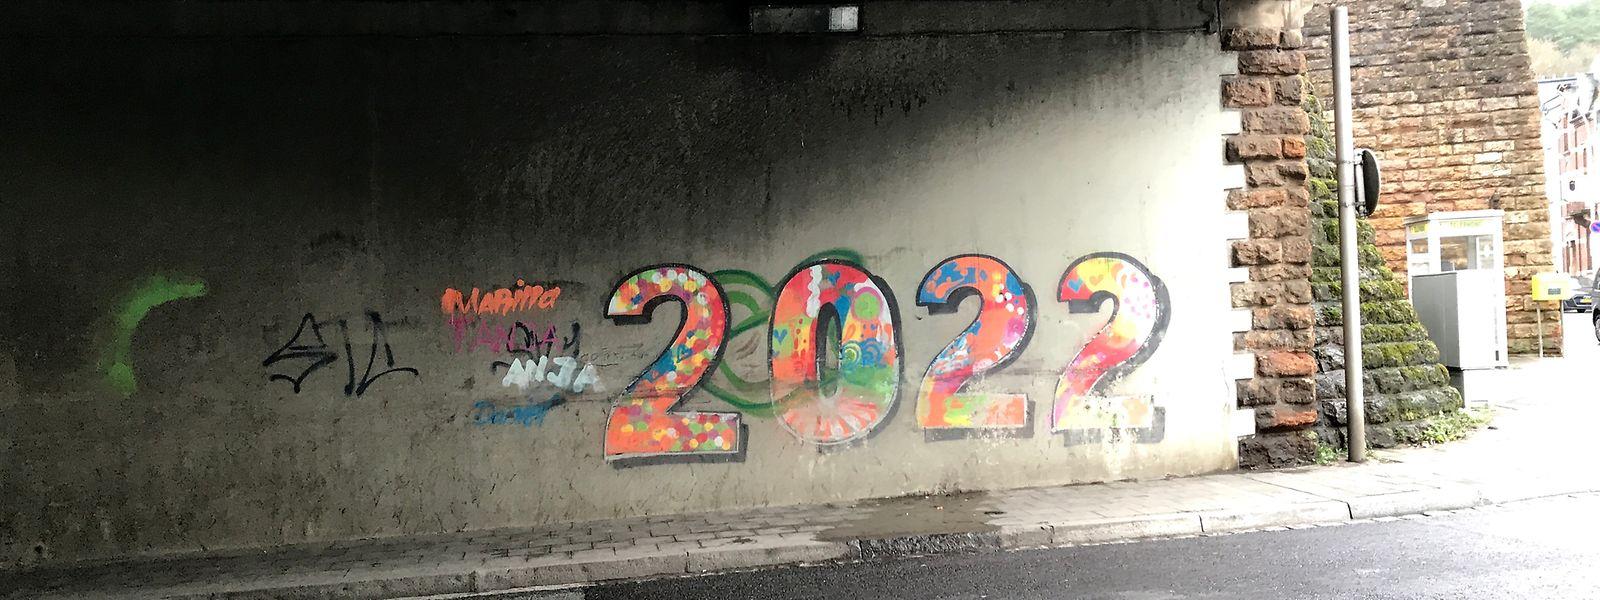 Après les turbulences du lancement, pour cause de changement d'équipe communale, Esch 2022 connaît un nouveau sursaut.